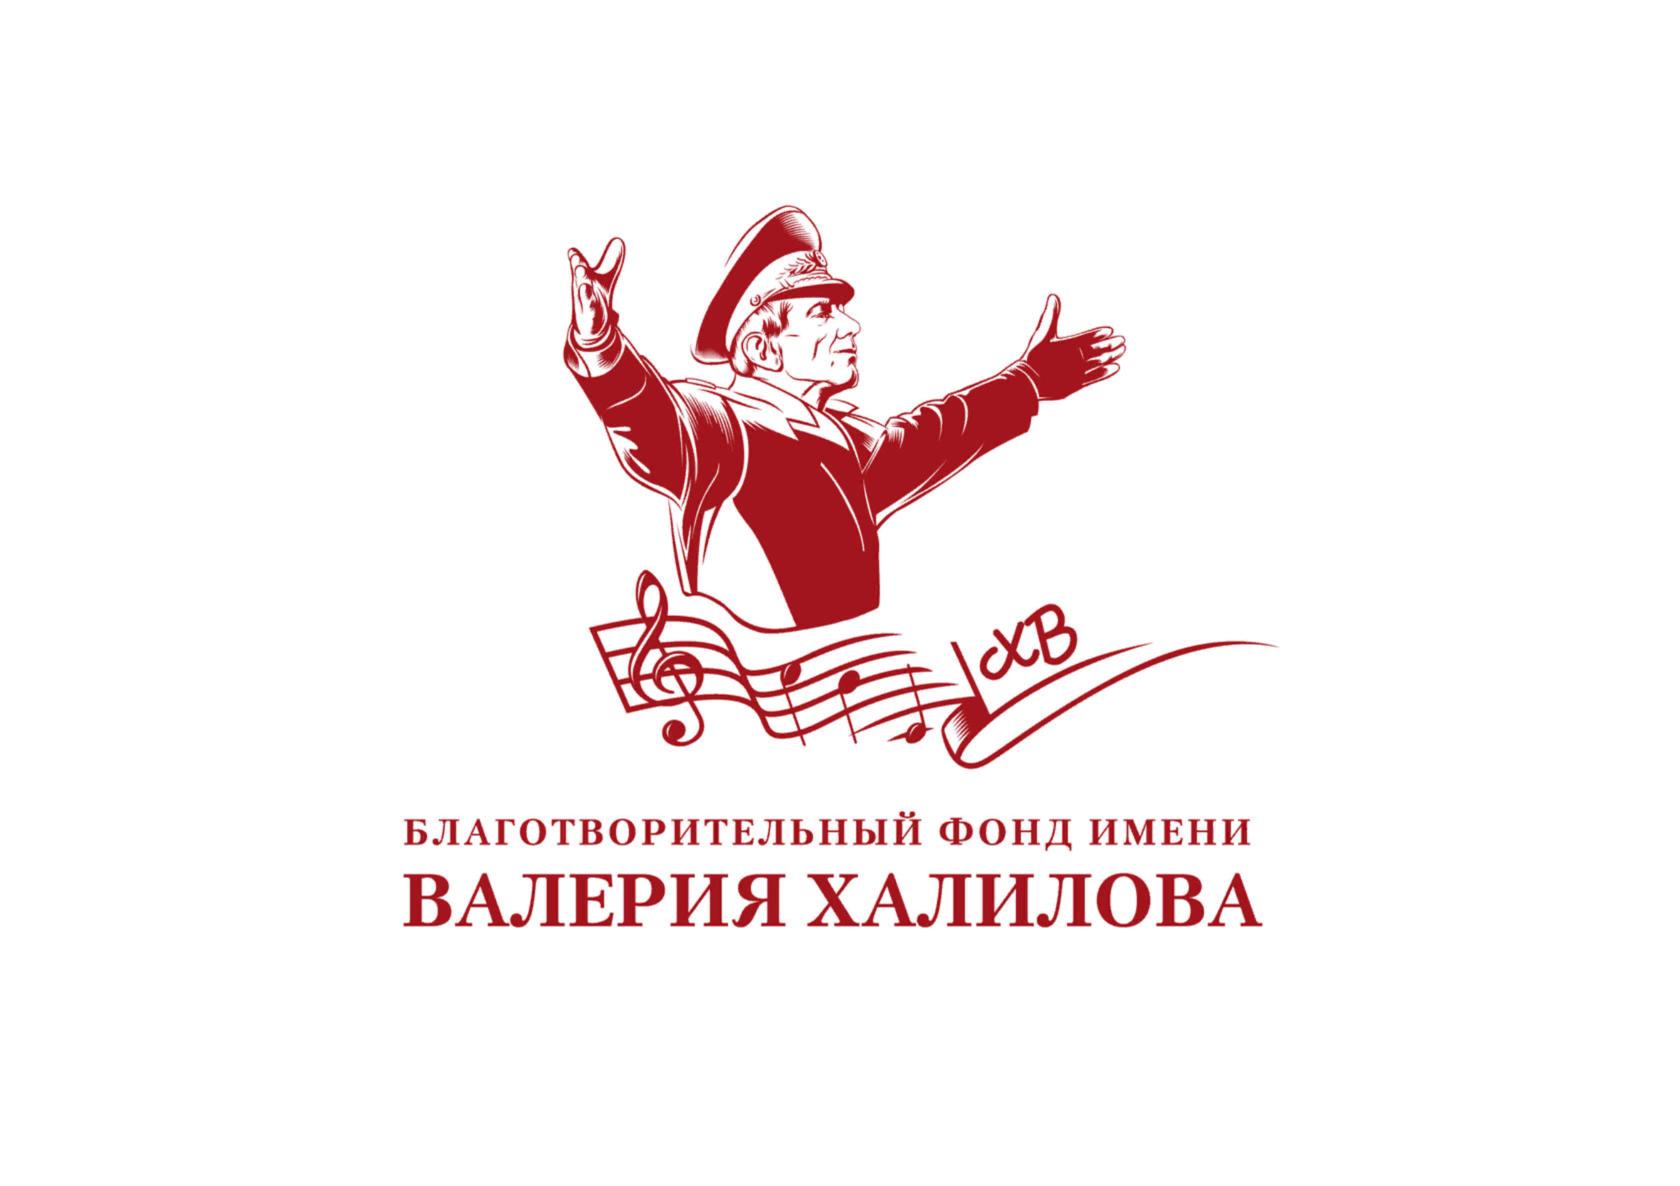 Фонд Валерия халилова